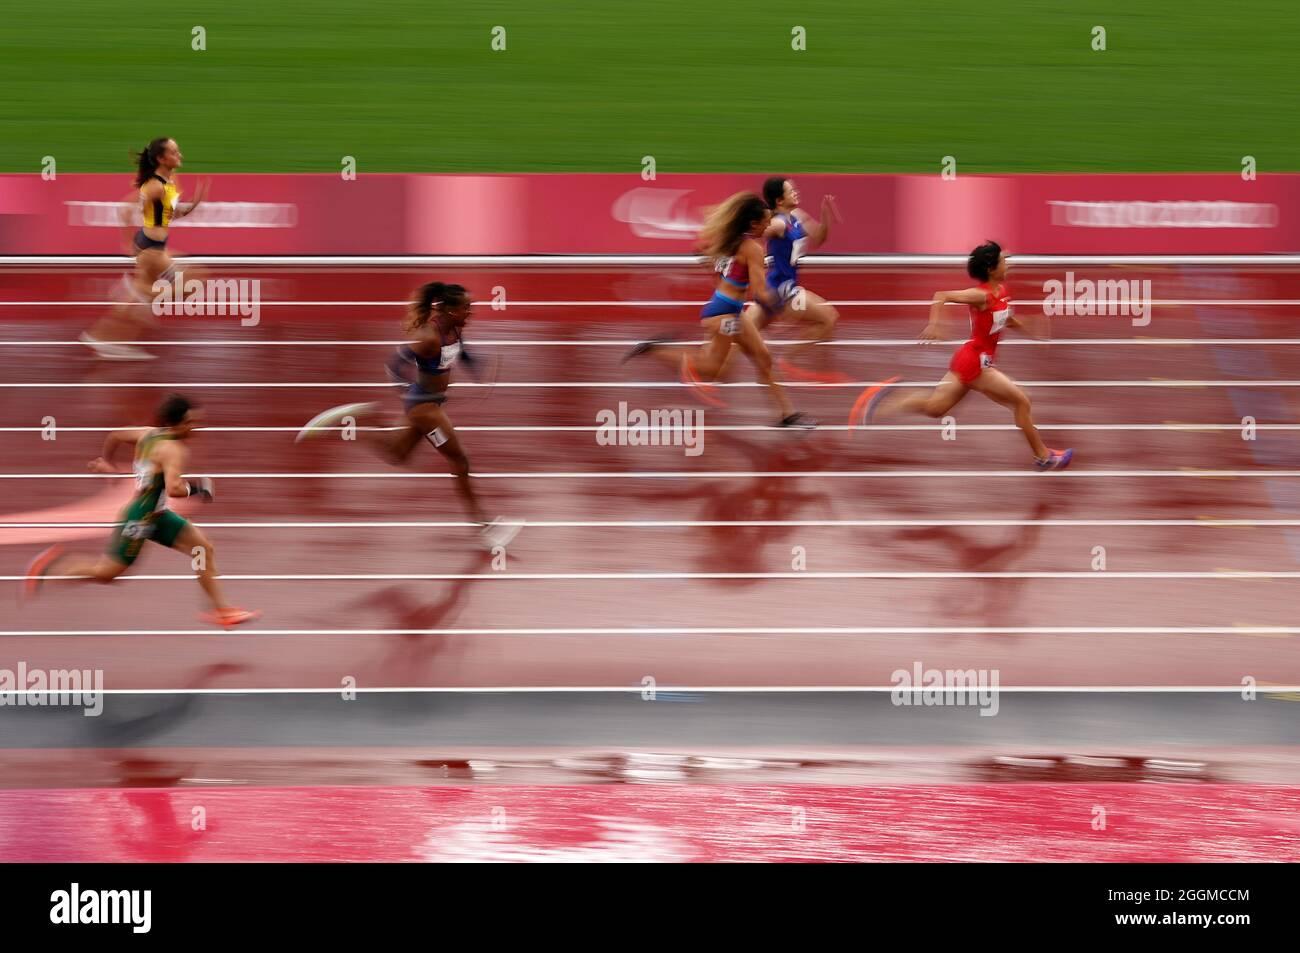 Die Chinesin Xiaoyan Wen auf dem Weg zum Sieg beim 100-m-T37-Finale der Frauen im Olympiastadion am 9. Tag der Paralympischen Spiele in Tokio 2020 in Japan. Bilddatum: Donnerstag, 2. September 2021. Stockfoto